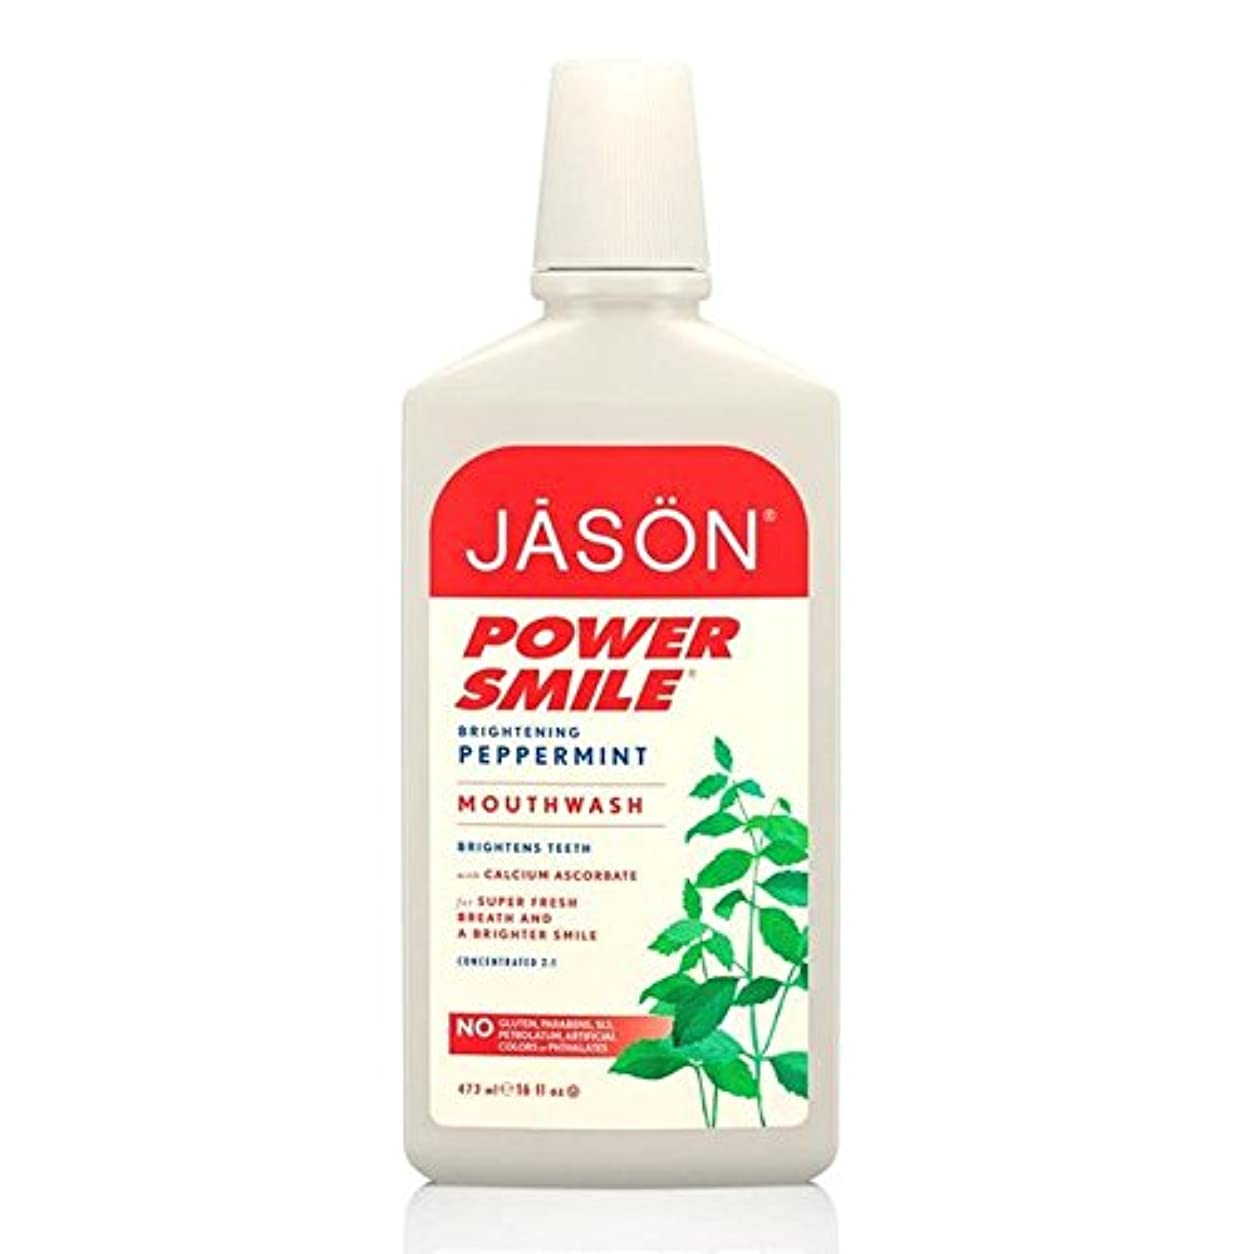 運賃複合名詞ジェイソンマウスウォッシュ480ミリリットル x2 - Jason Powersmile Mouthwash 480ml (Pack of 2) [並行輸入品]